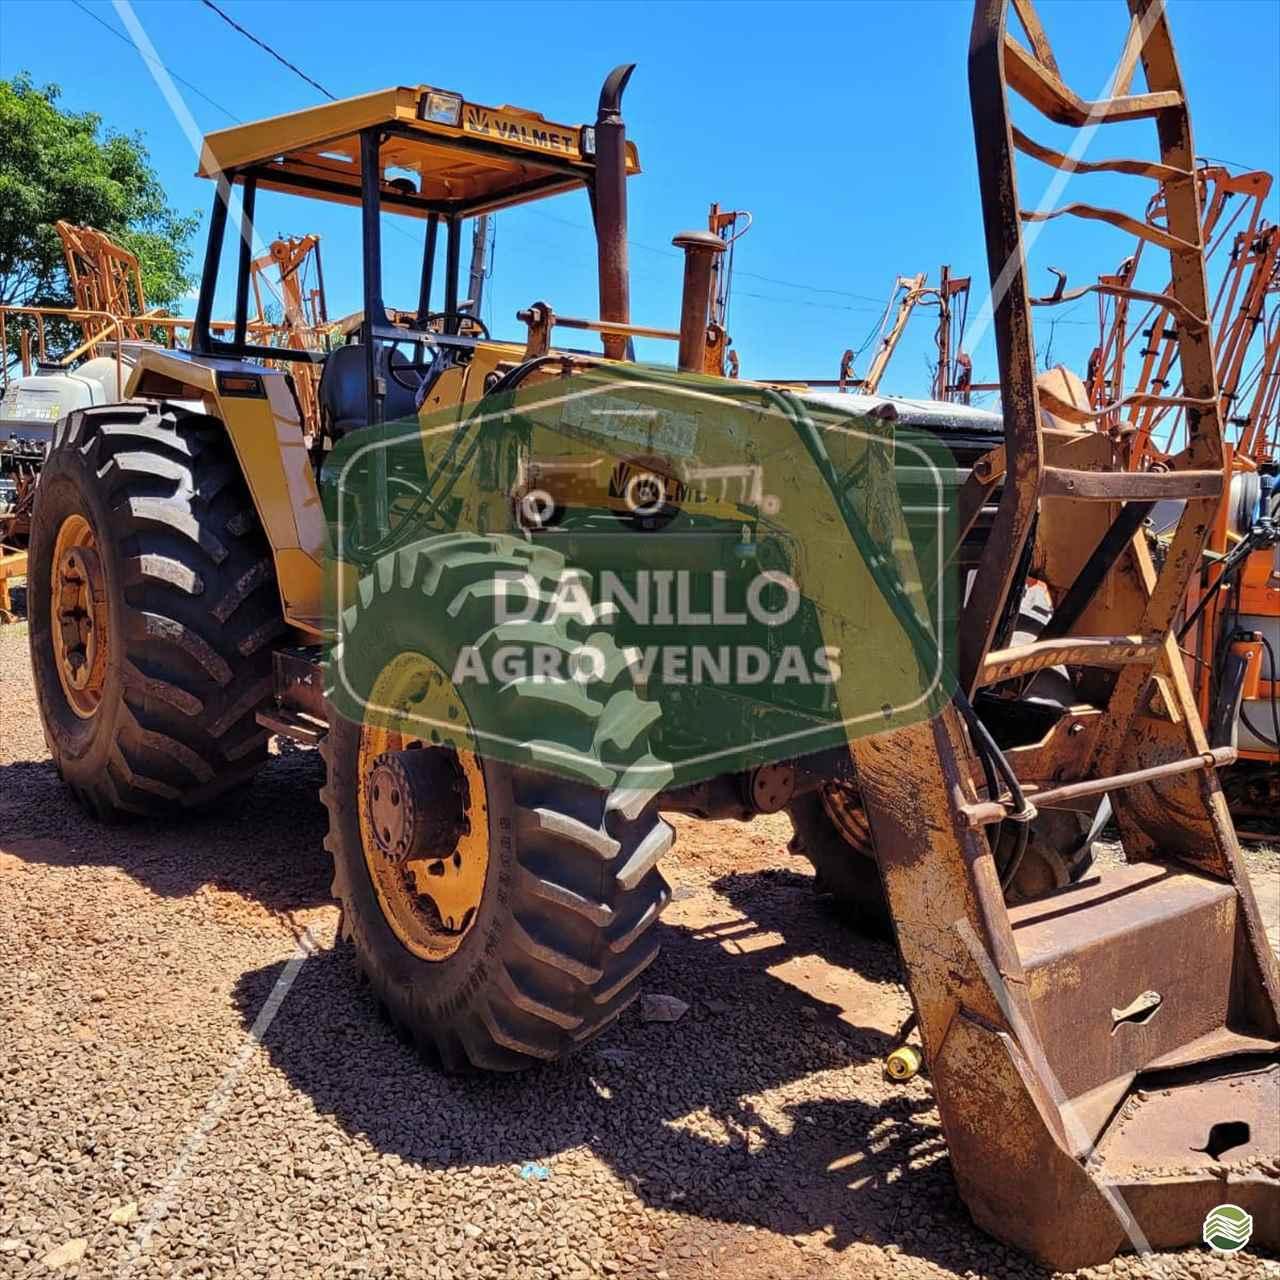 TRATOR VALMET VALMET 1280 Tração 4x4 Danillo Agro Vendas UMUARAMA PARANÁ PR